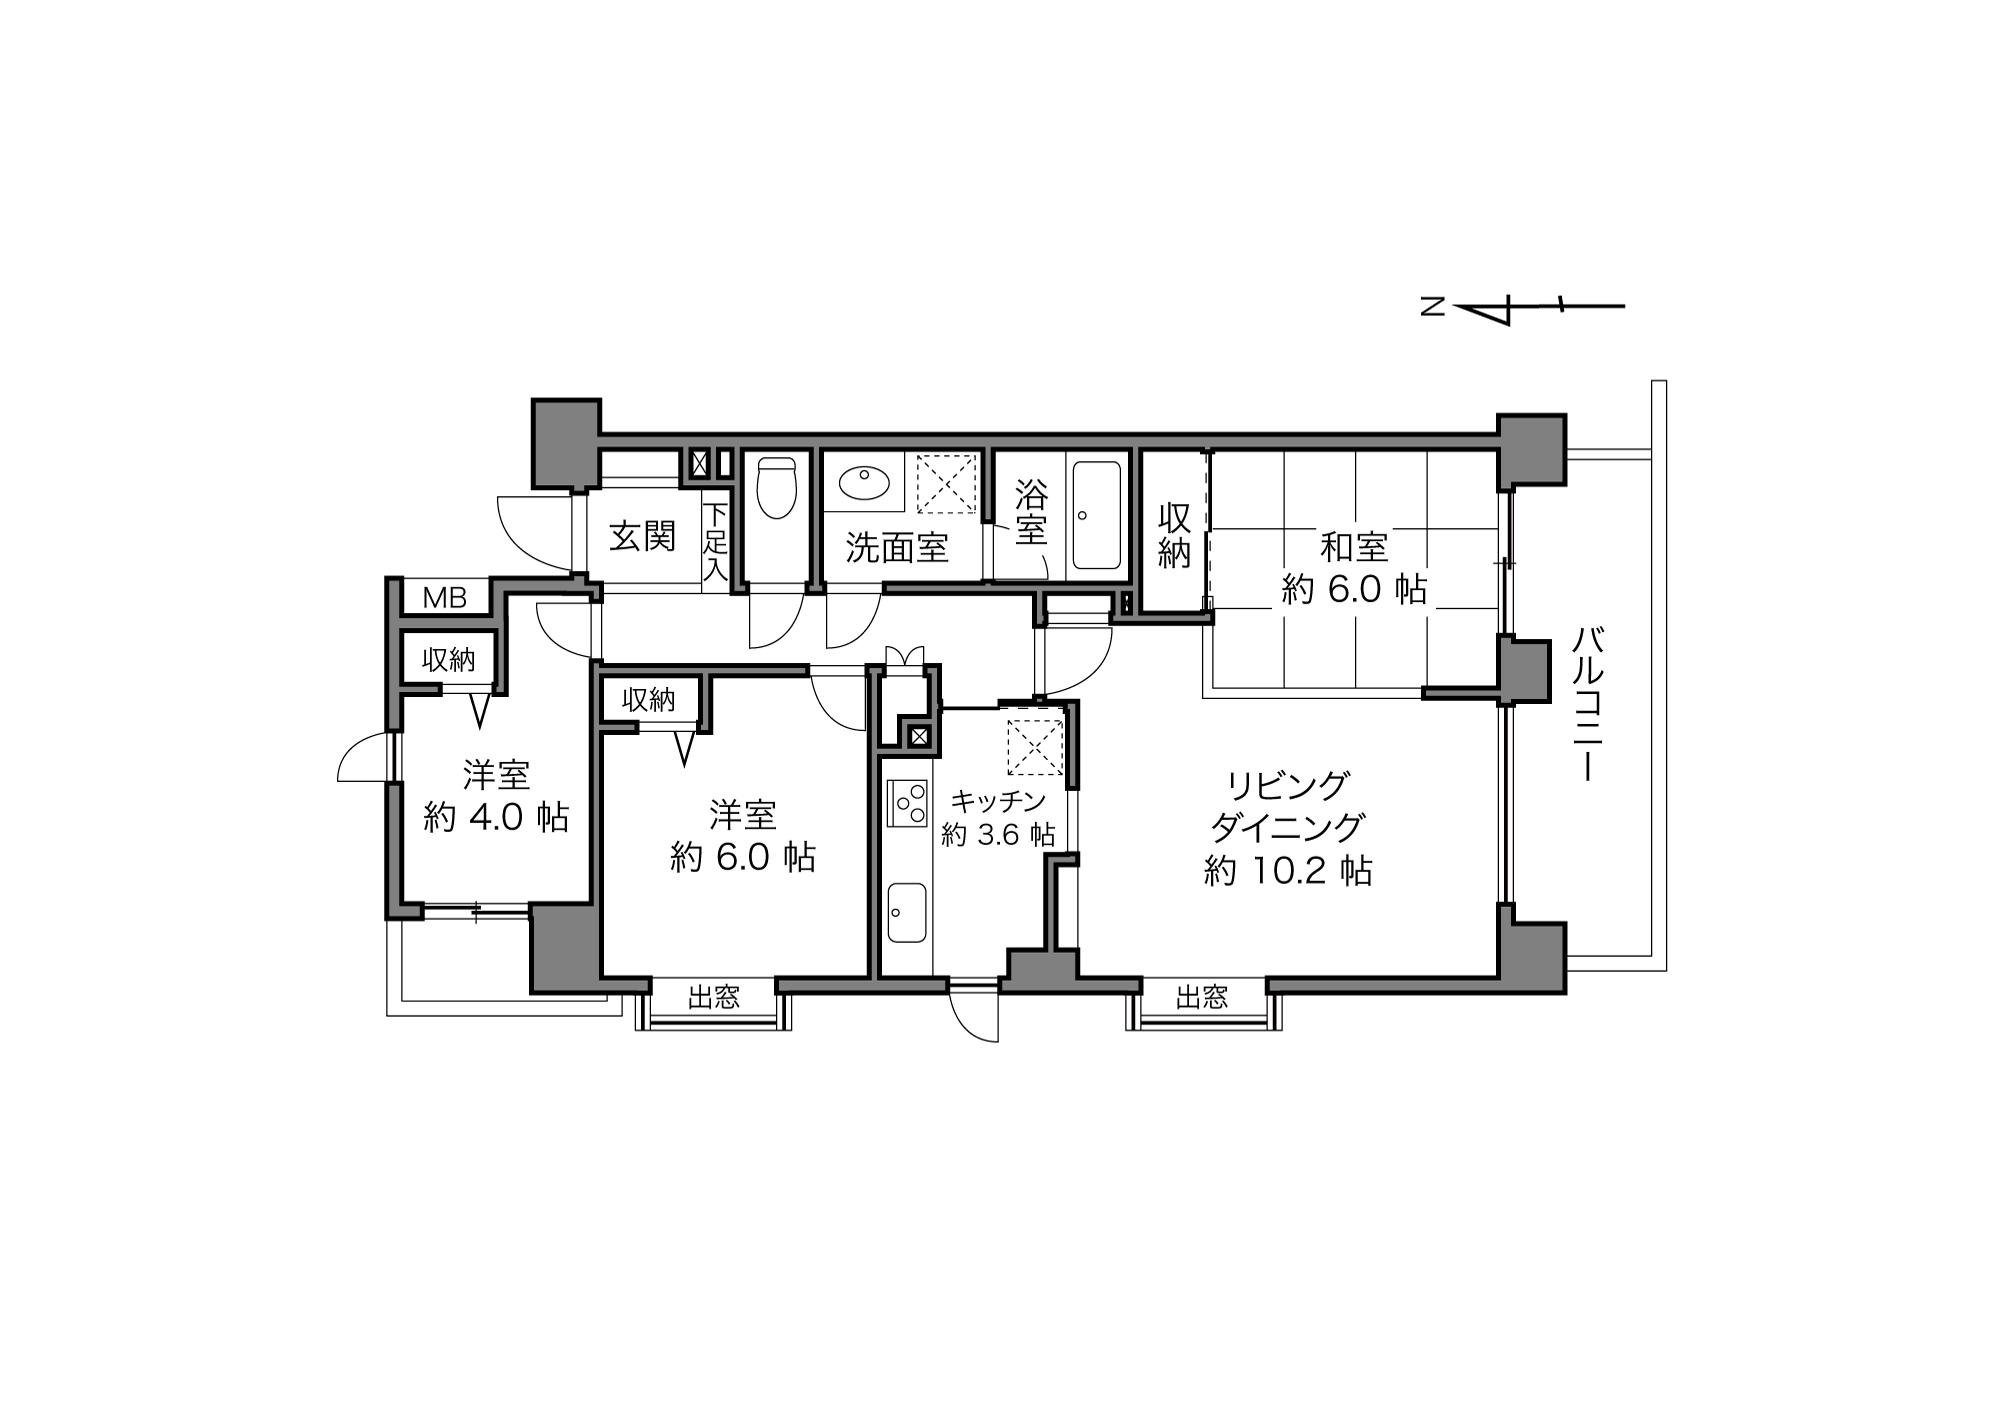 北赤羽駅 / 3LDK / 68.41㎡